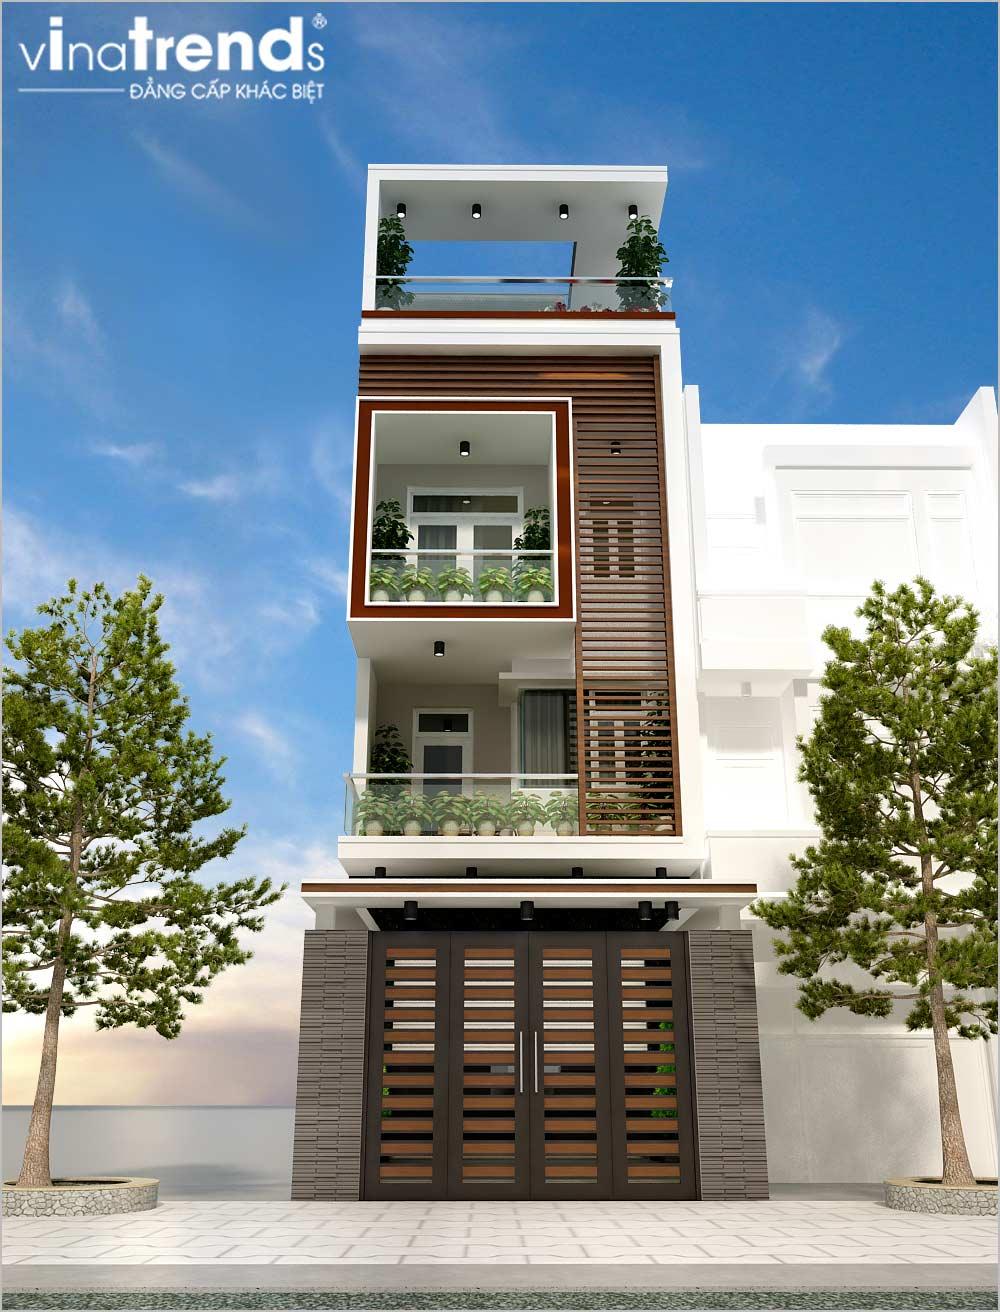 mau nha pho mat tien 5m 4 tang dep co ho boi Mẫu nhà phố mặt tiền 5m 4 tầng dài 18m có hồ bơi đầu tư tới cùng của nhà anh Phước ở Sài Gòn